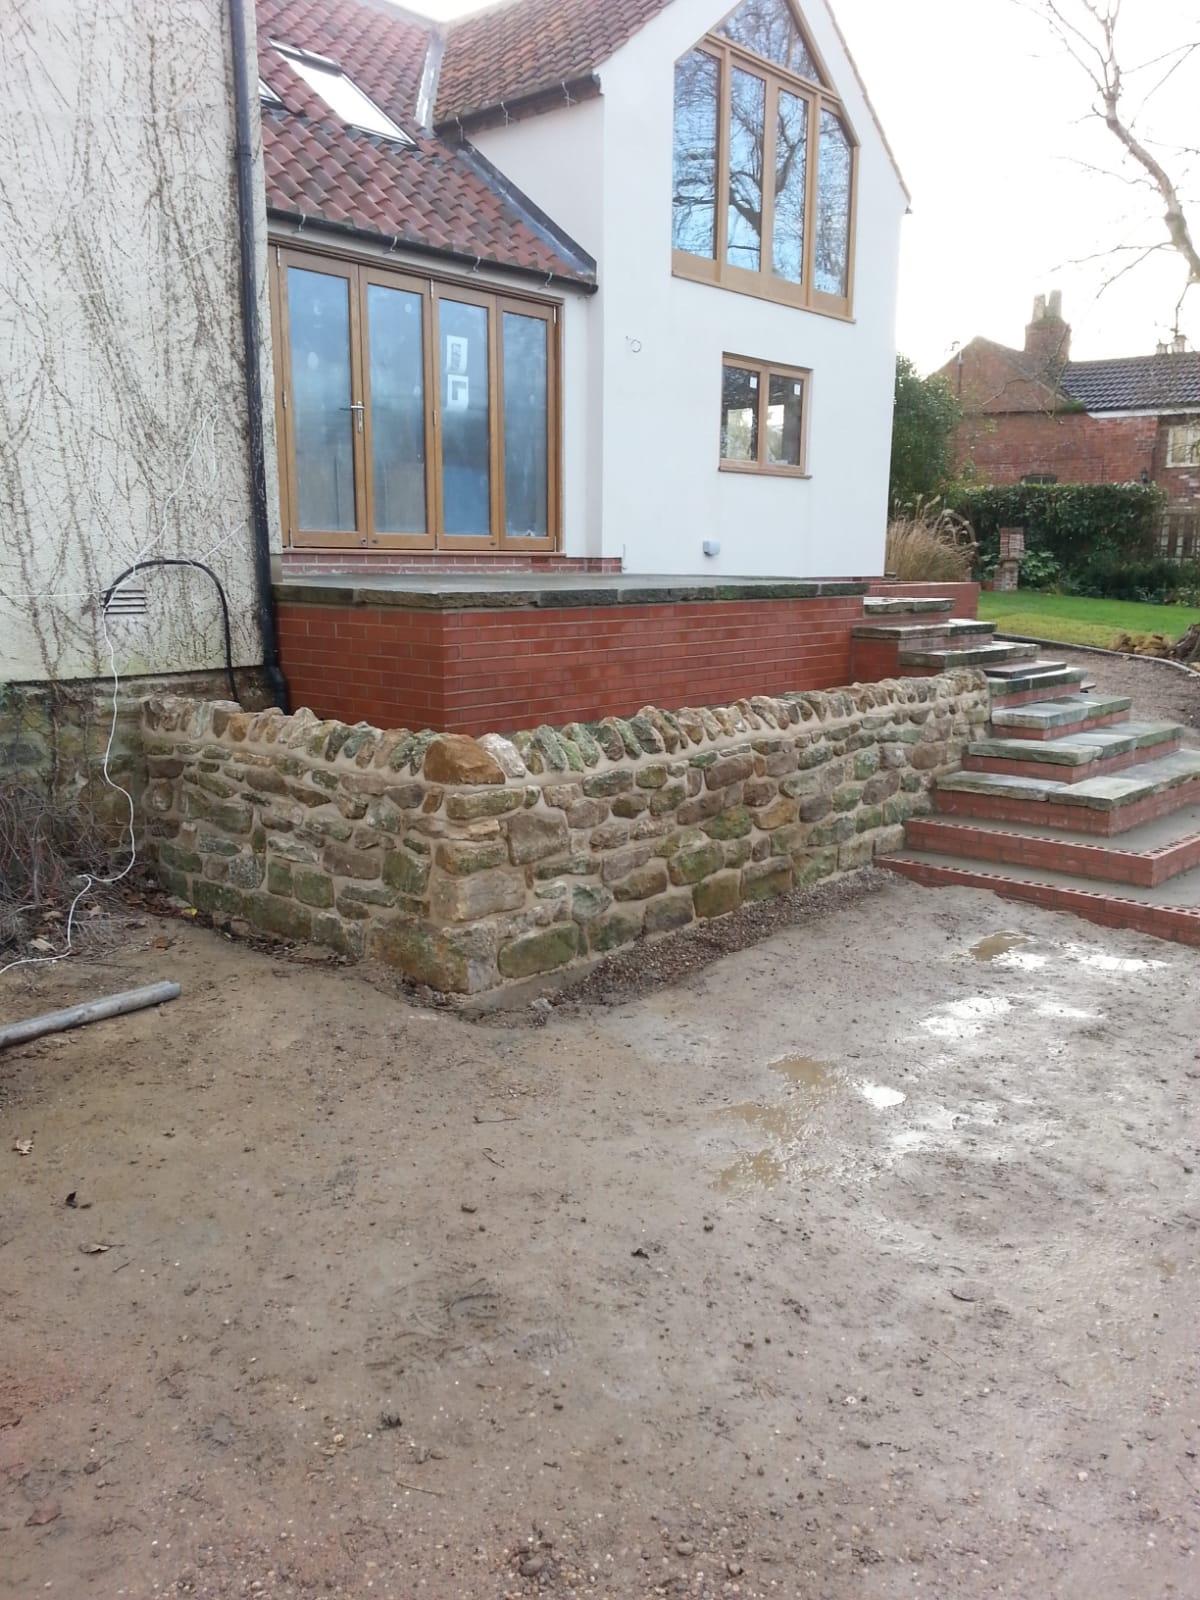 Reclaimed iron stone wall